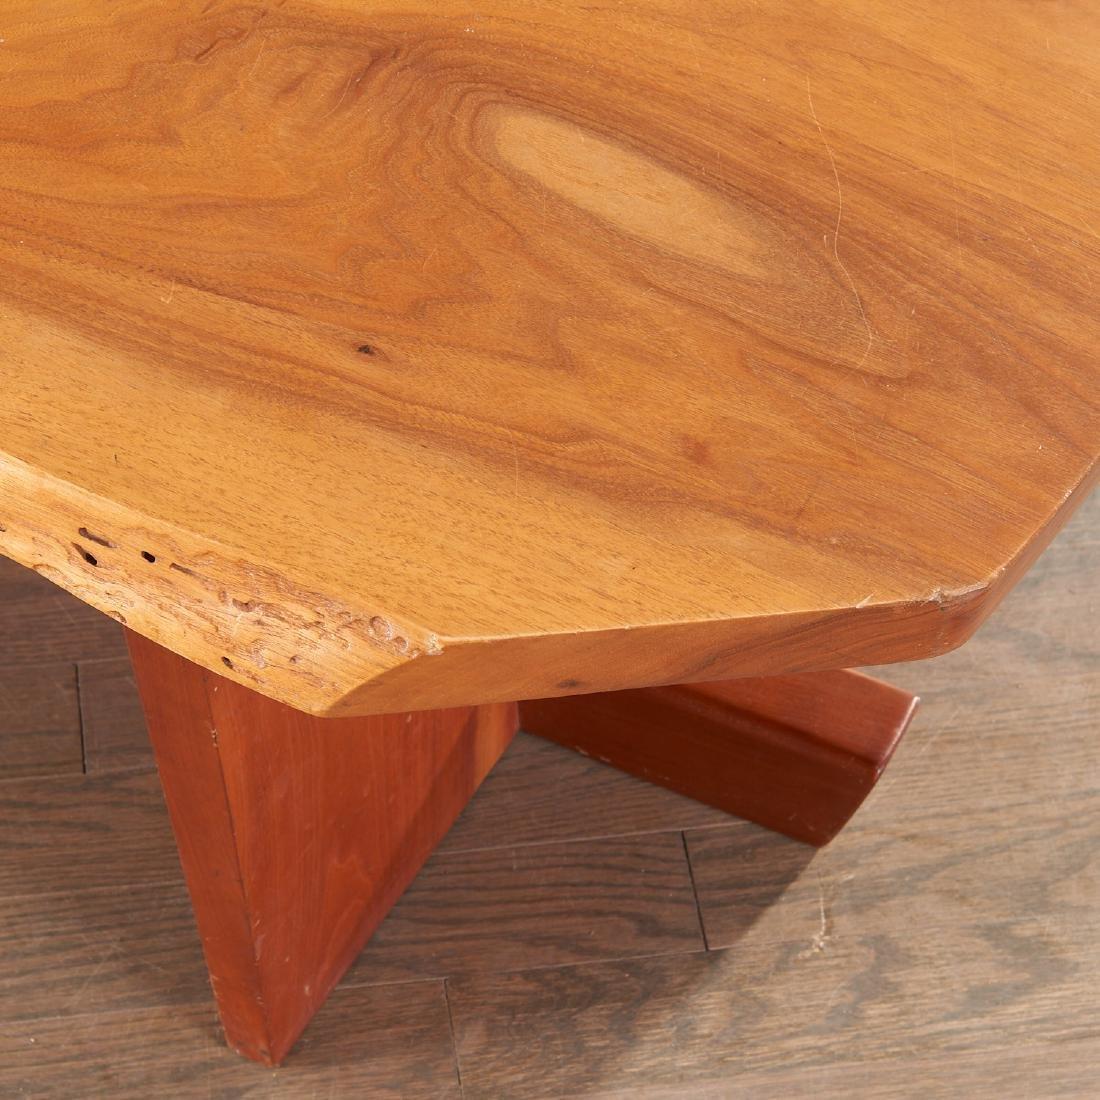 George Nakashima (attrib.) Minguren coffee table - 5